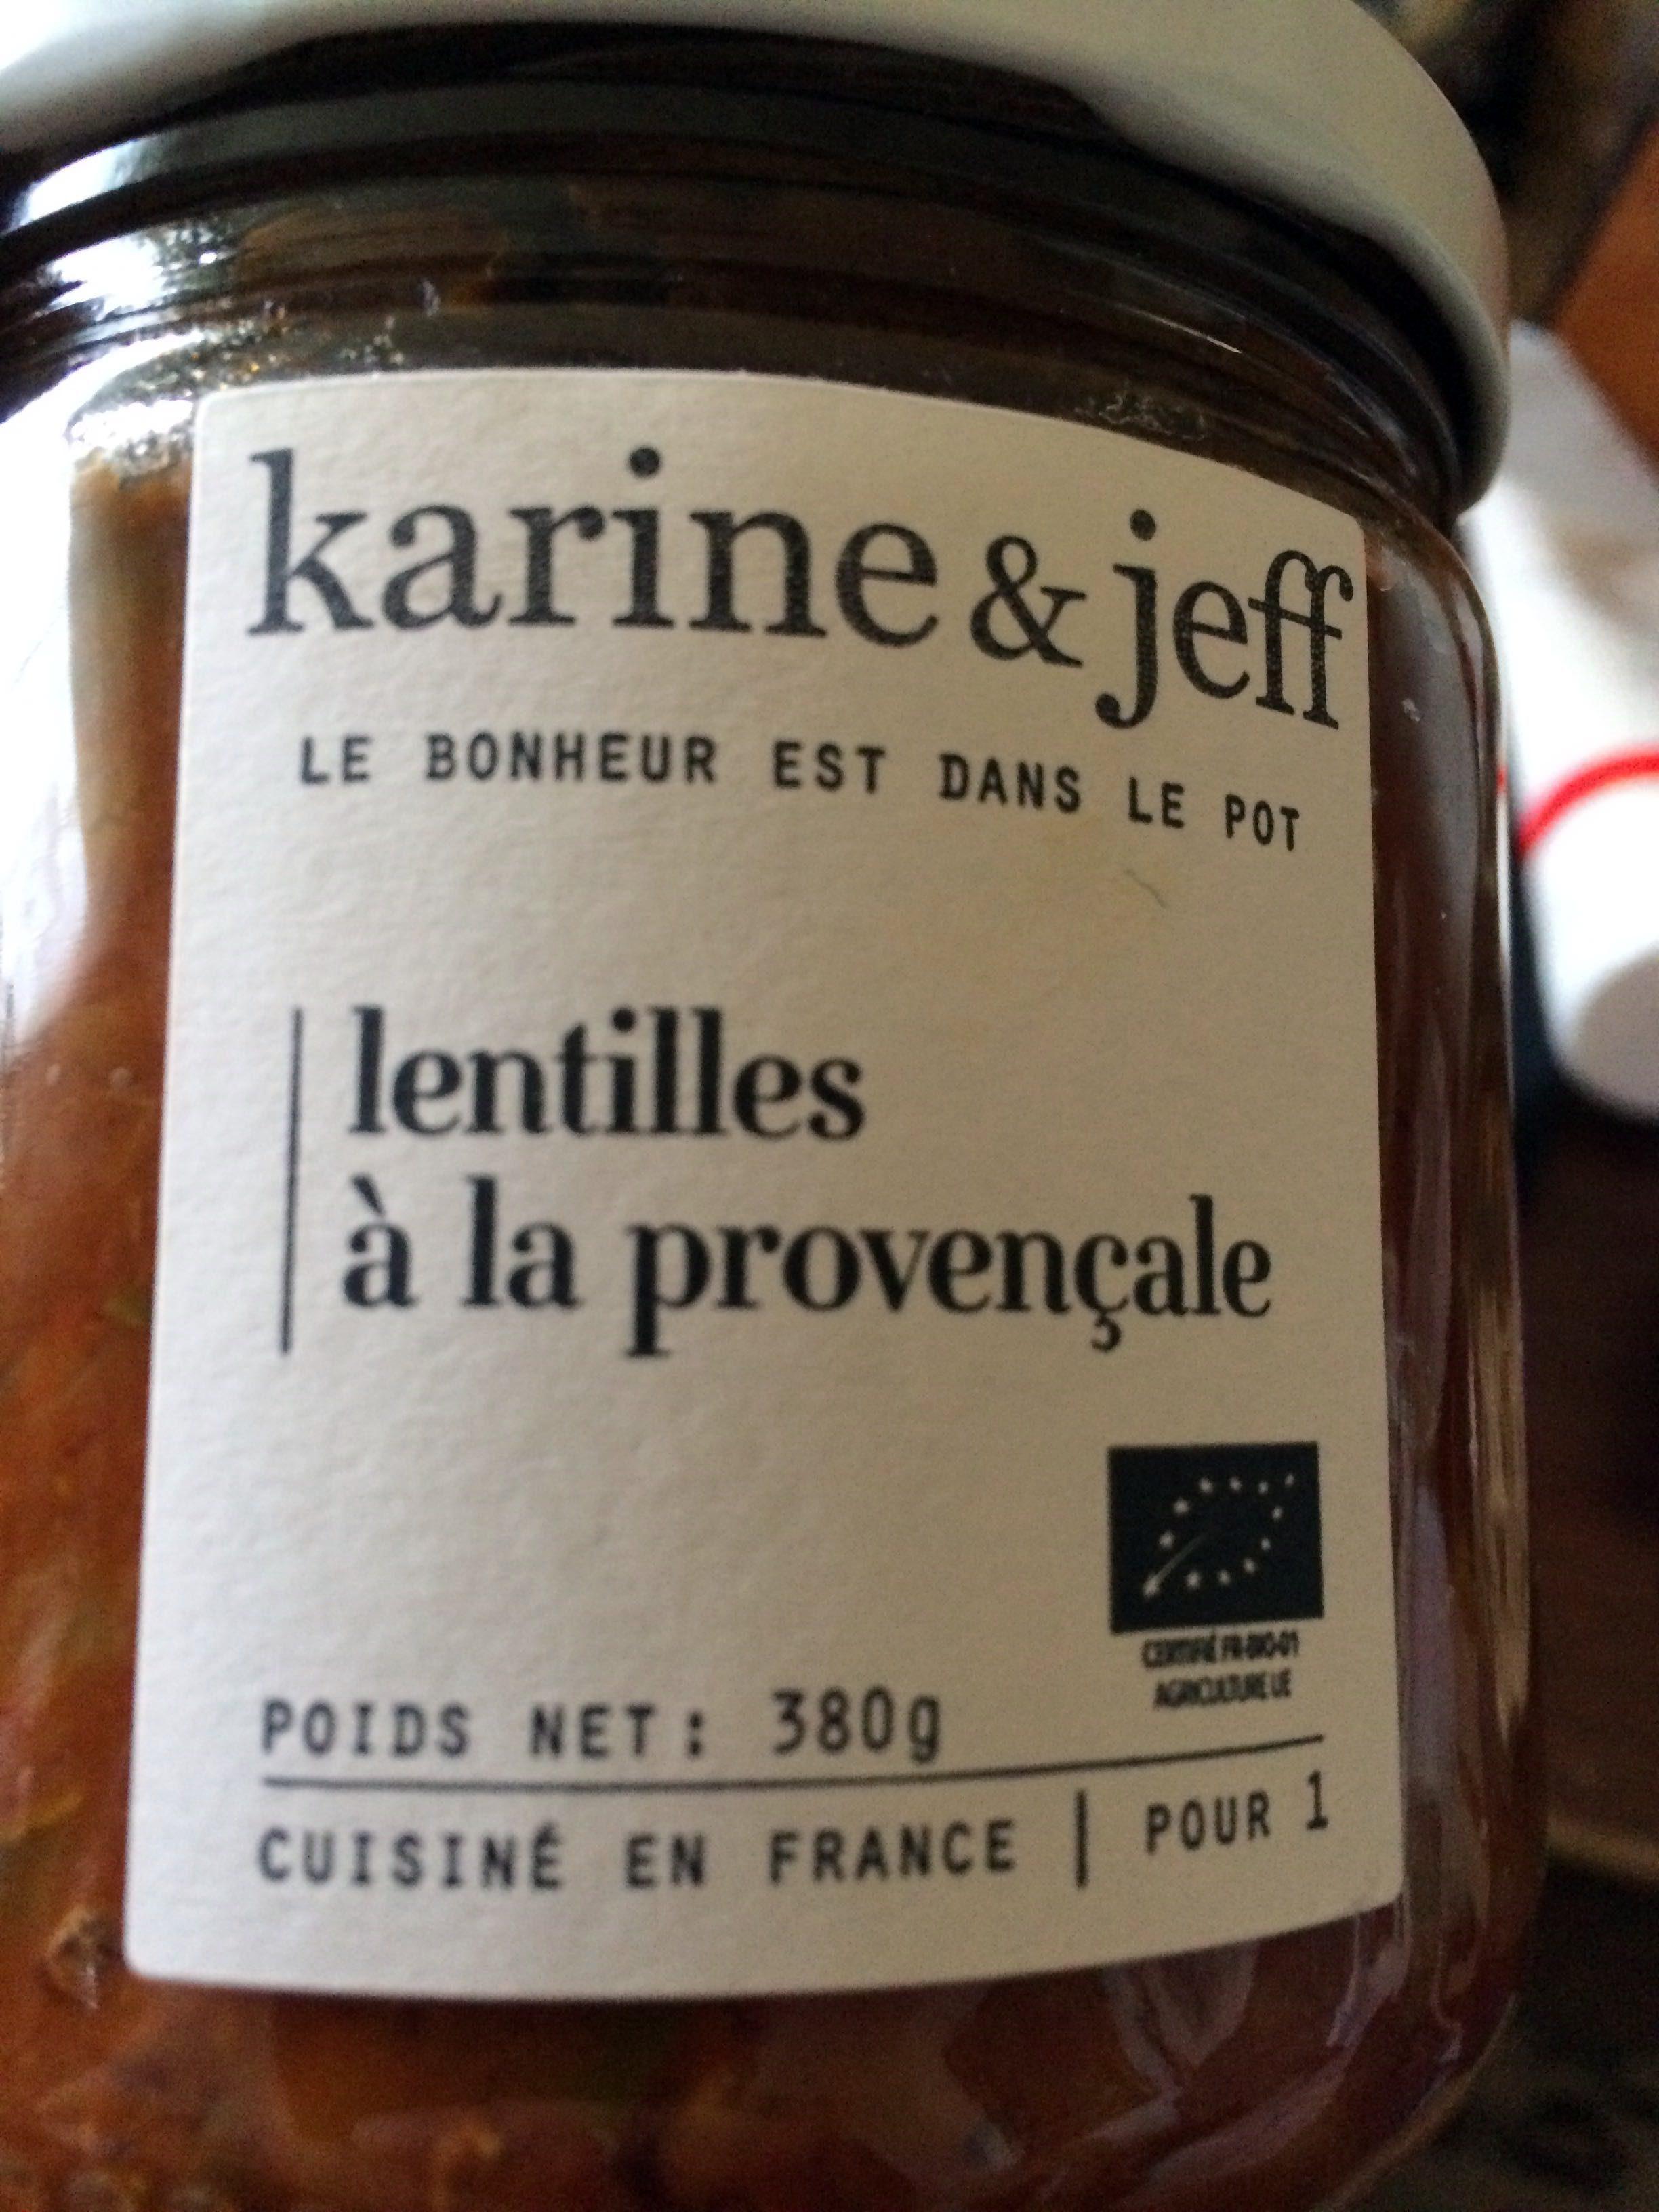 Lentilles à la provençale - Product - fr